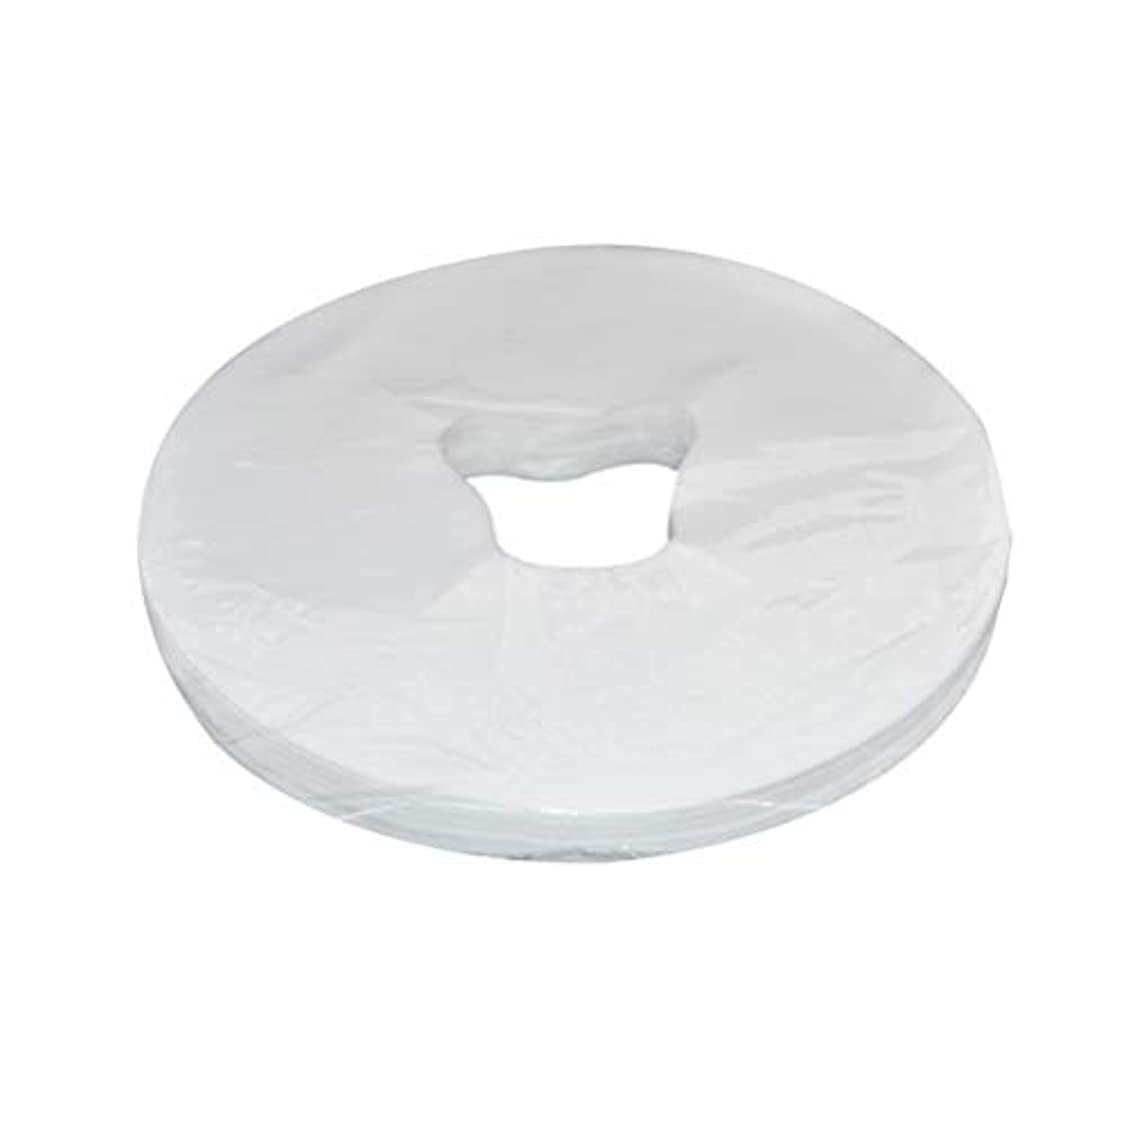 衣服お勧め自動Healifty 100シート無織布巾 使い捨て マッサージフェイスピローカバー フェイスカバー ヘッドレストピローシート(ホワイト)